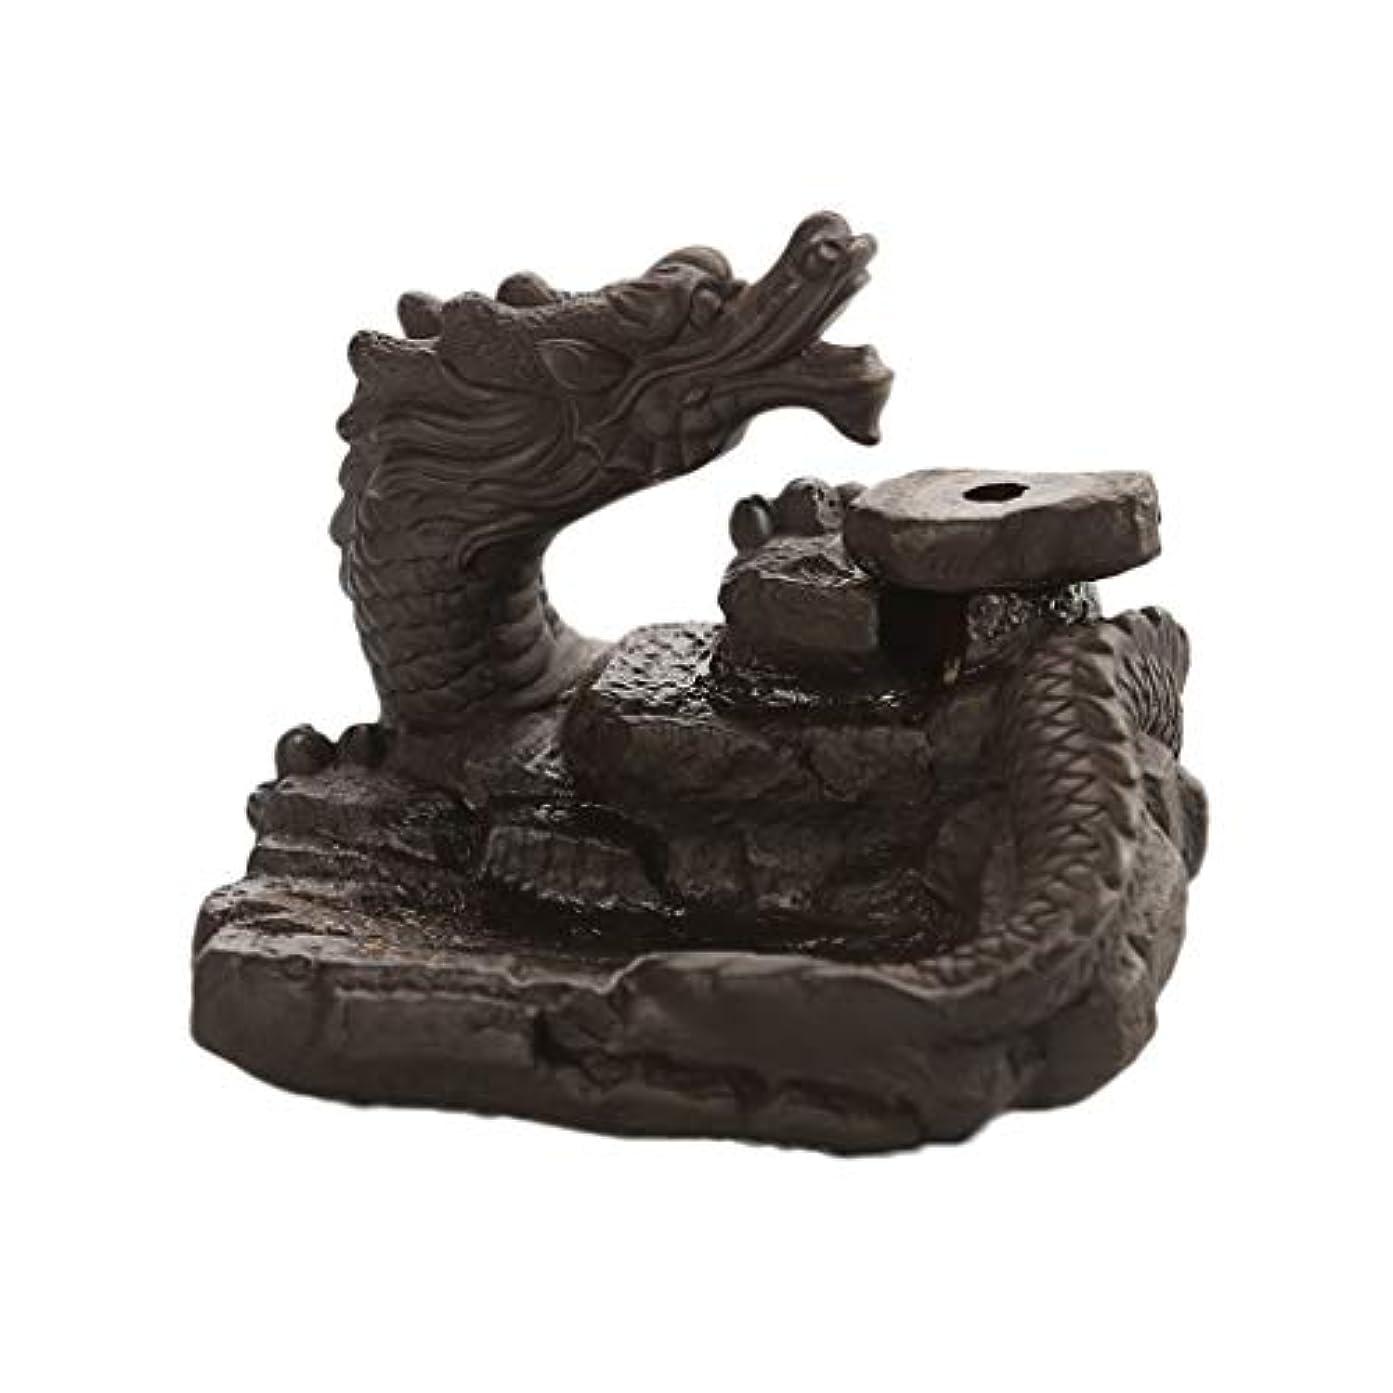 サラミ発見するテンポセラミックドラゴン池香バーナー逆流香スティックコーンバーナーホルダー還流ホームフレグランス装飾装飾品香ホルダー (Color : Black, サイズ : 3.46*3.14*2.36 inches)